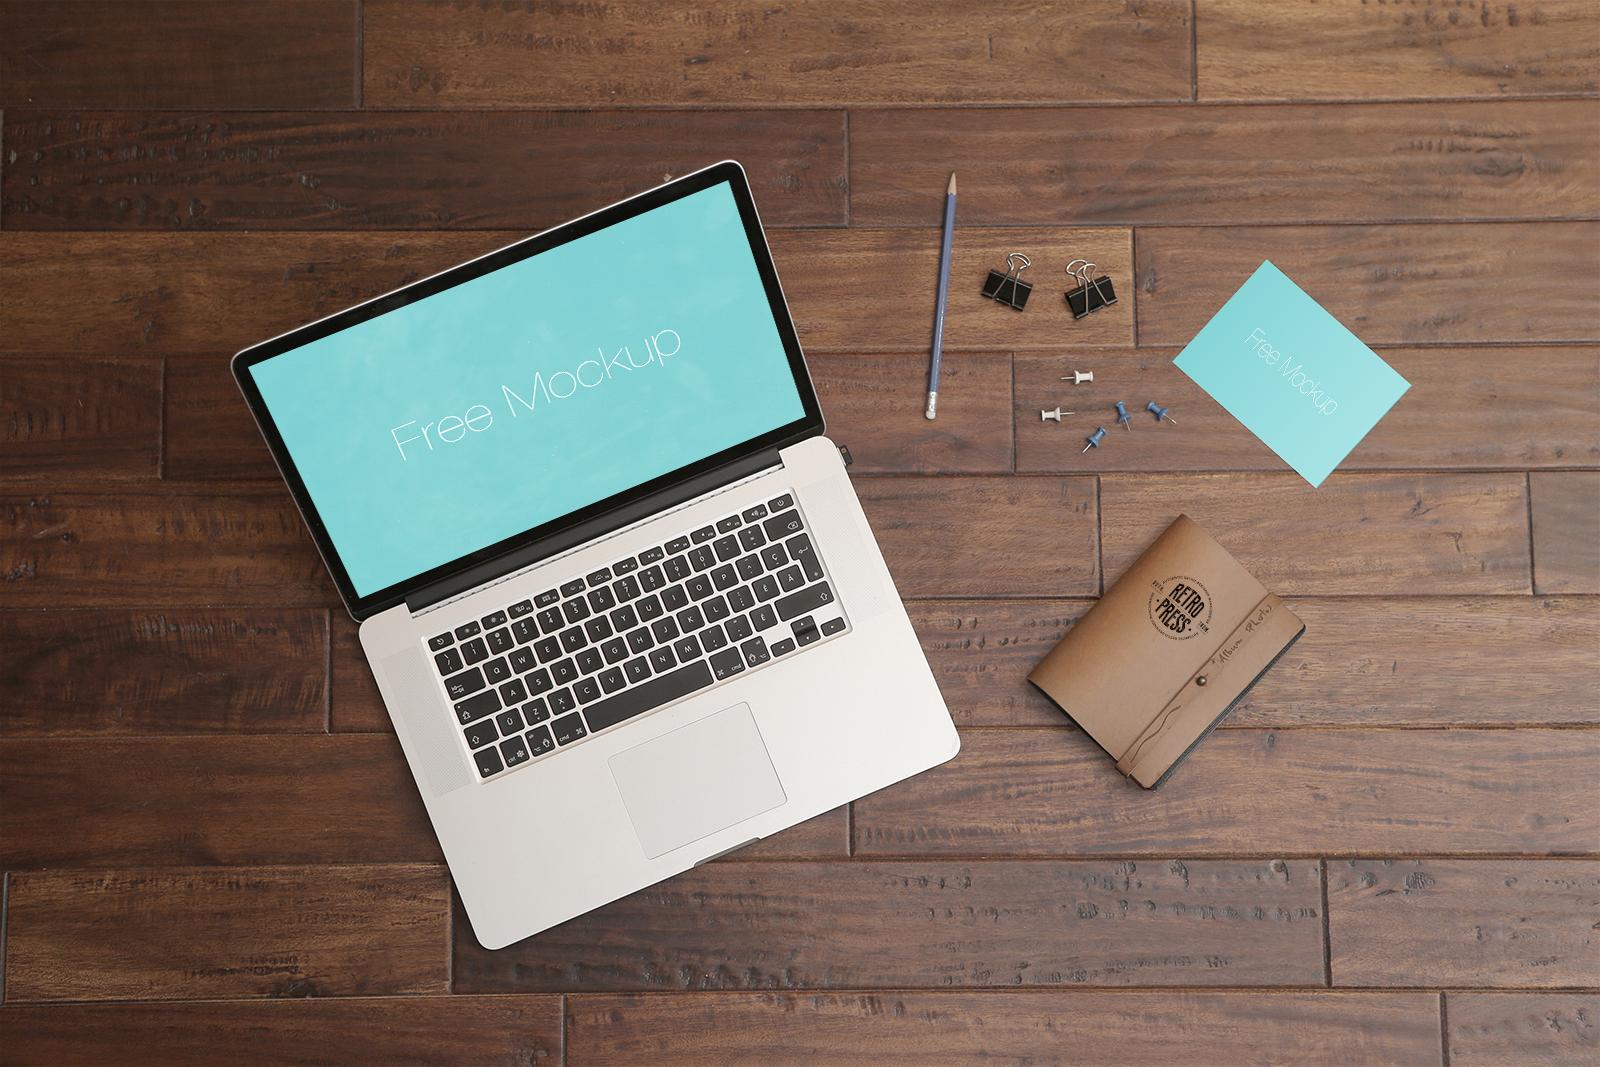 MacBook Pro Wooden Table